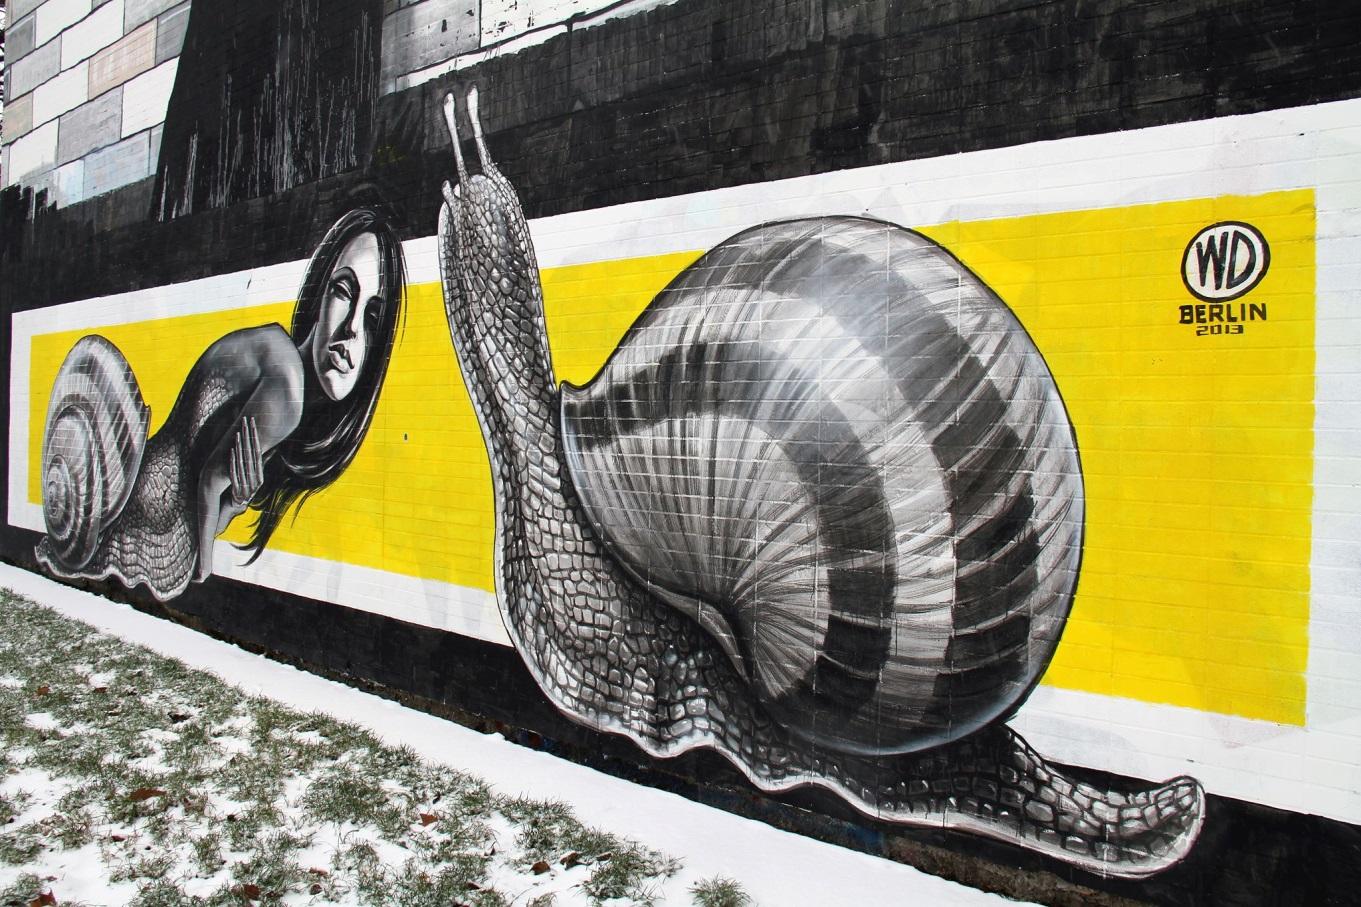 WD Street Art, Bless, 2013. Berlin.